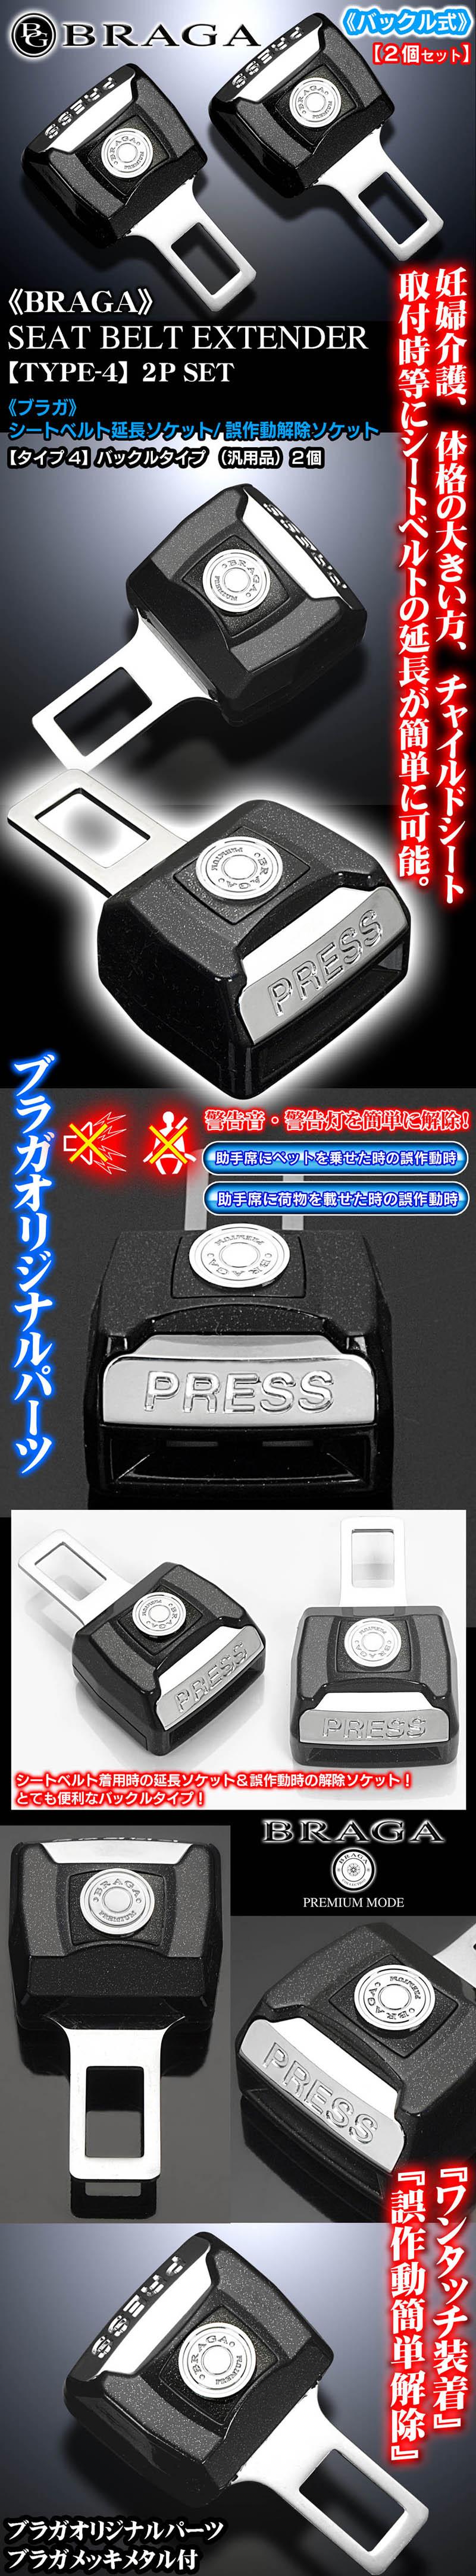 《タイプ4/バックル式》汎用シートベルト延長ソケット/誤作動警告音解除ソケット【2個セット】ブラックラメ&メッキ/ブラガエンブレム付/BRAGA